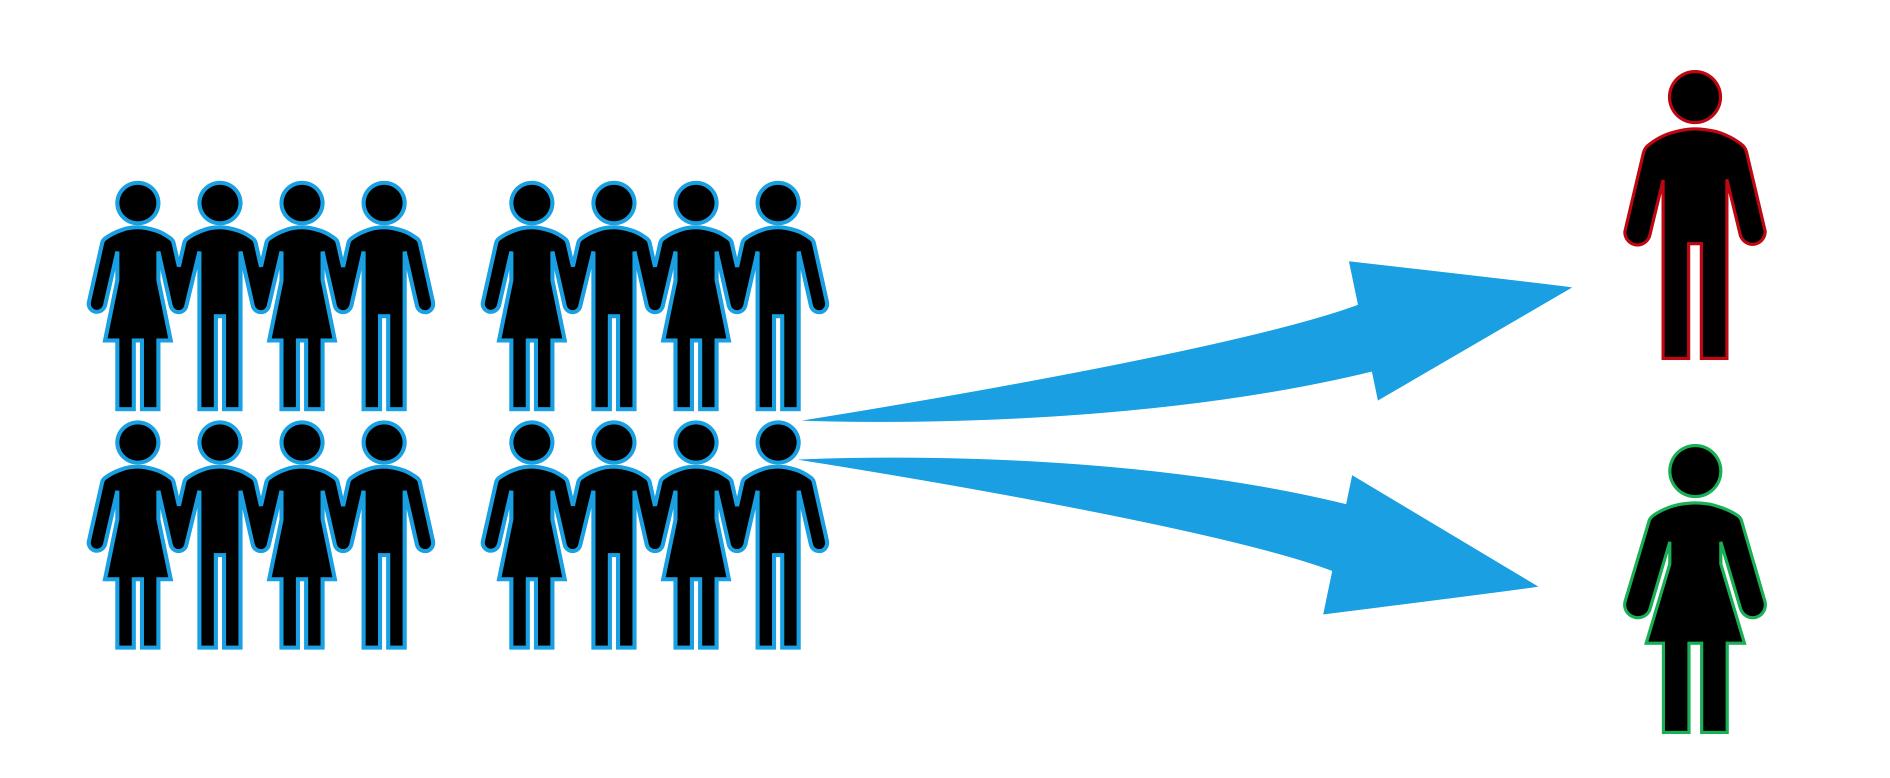 Figura 8: Il team è in grado di valutare le competenze dei membri che lo compongono.